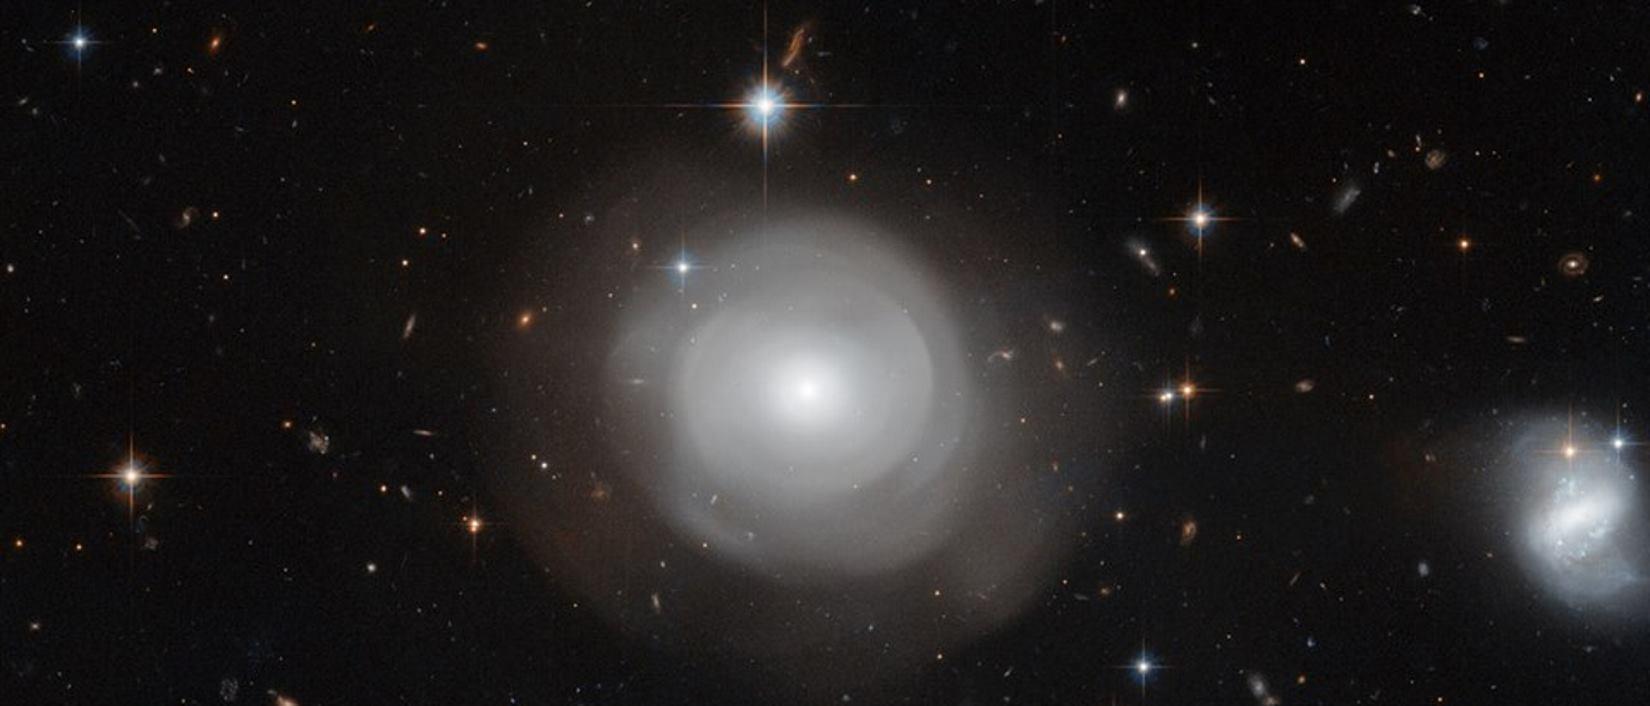 BINARNI ZVIJEZDANI SUSTAV Jedna zvijezda 'jede' drugu, očekuje se supernova